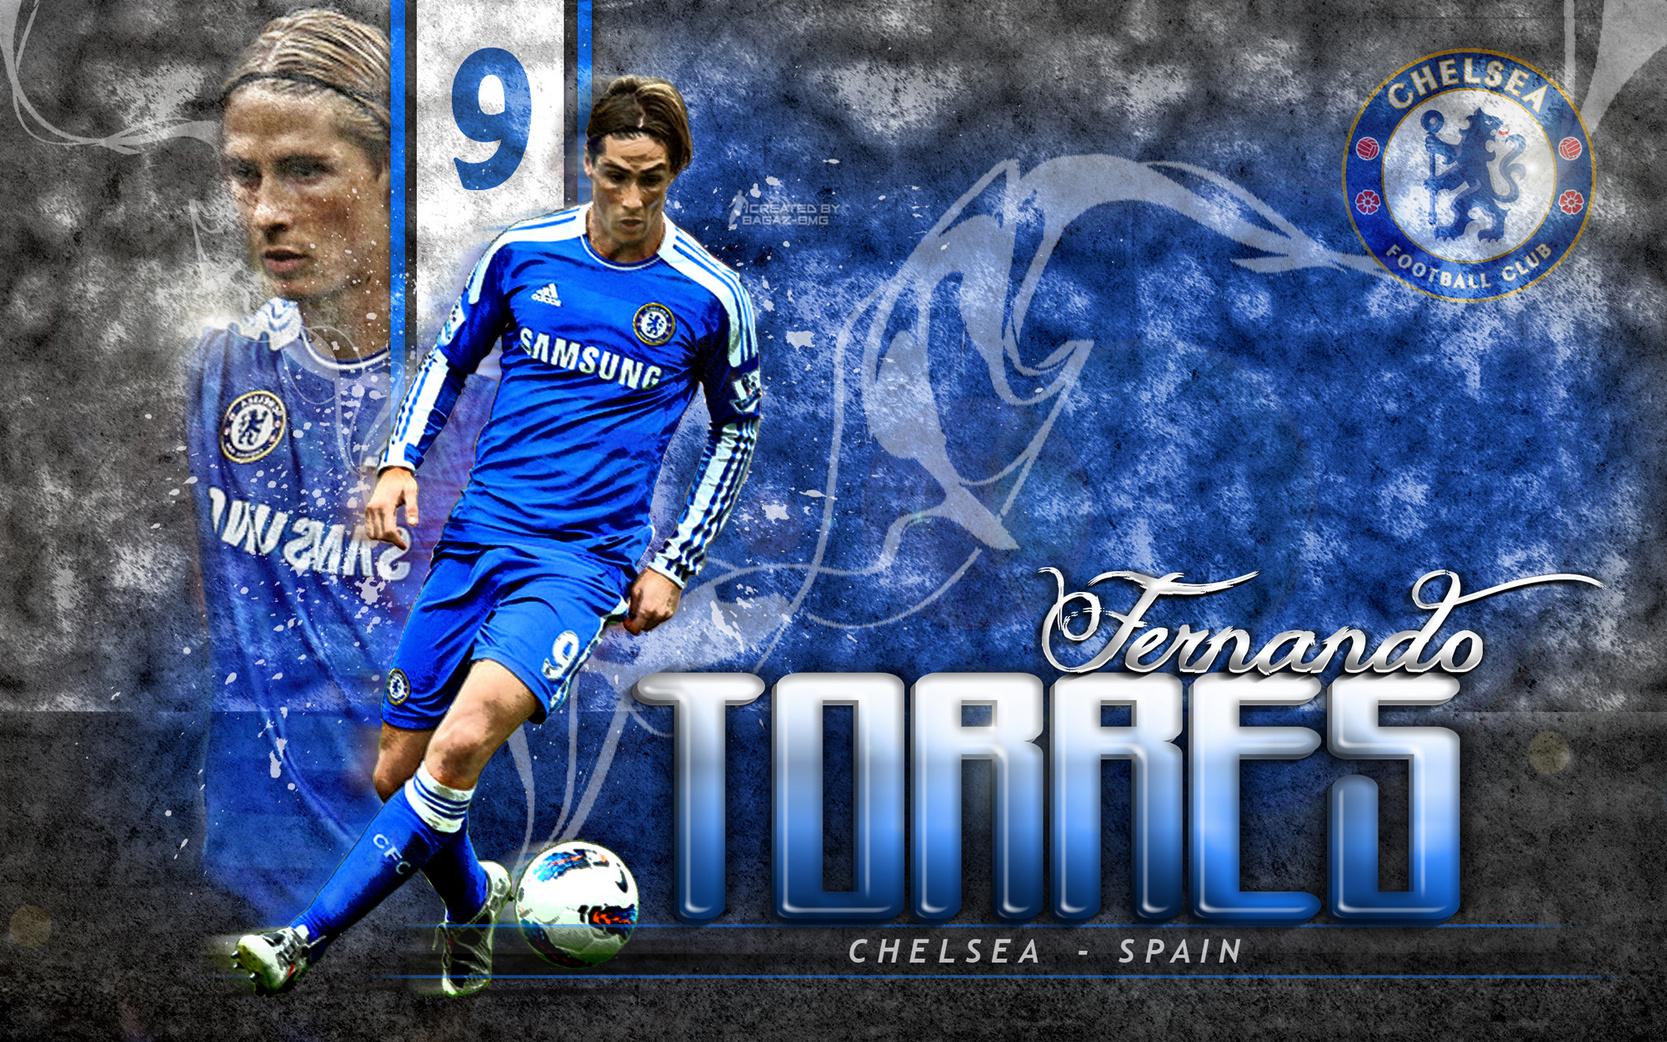 Fernando Torres Chelsea 2013 Exclusive HD Wallpapers 1287 1667x1042